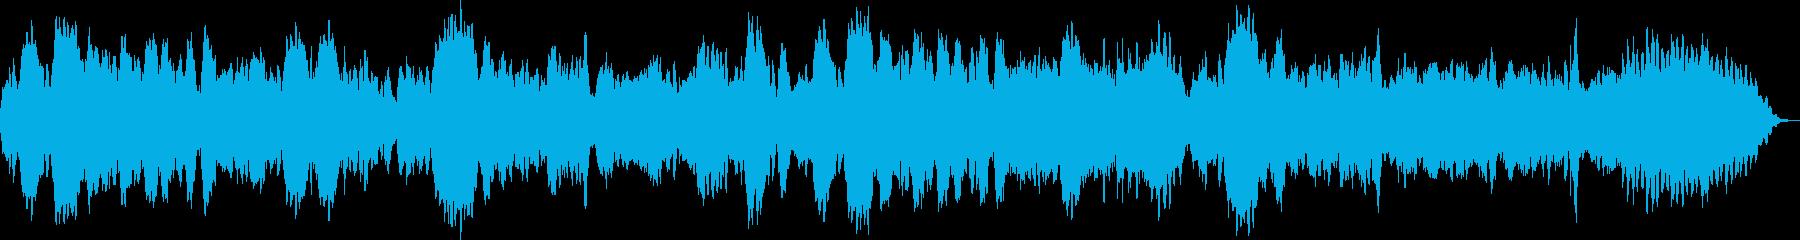 フルートとハープシコードのノスタルジー曲の再生済みの波形